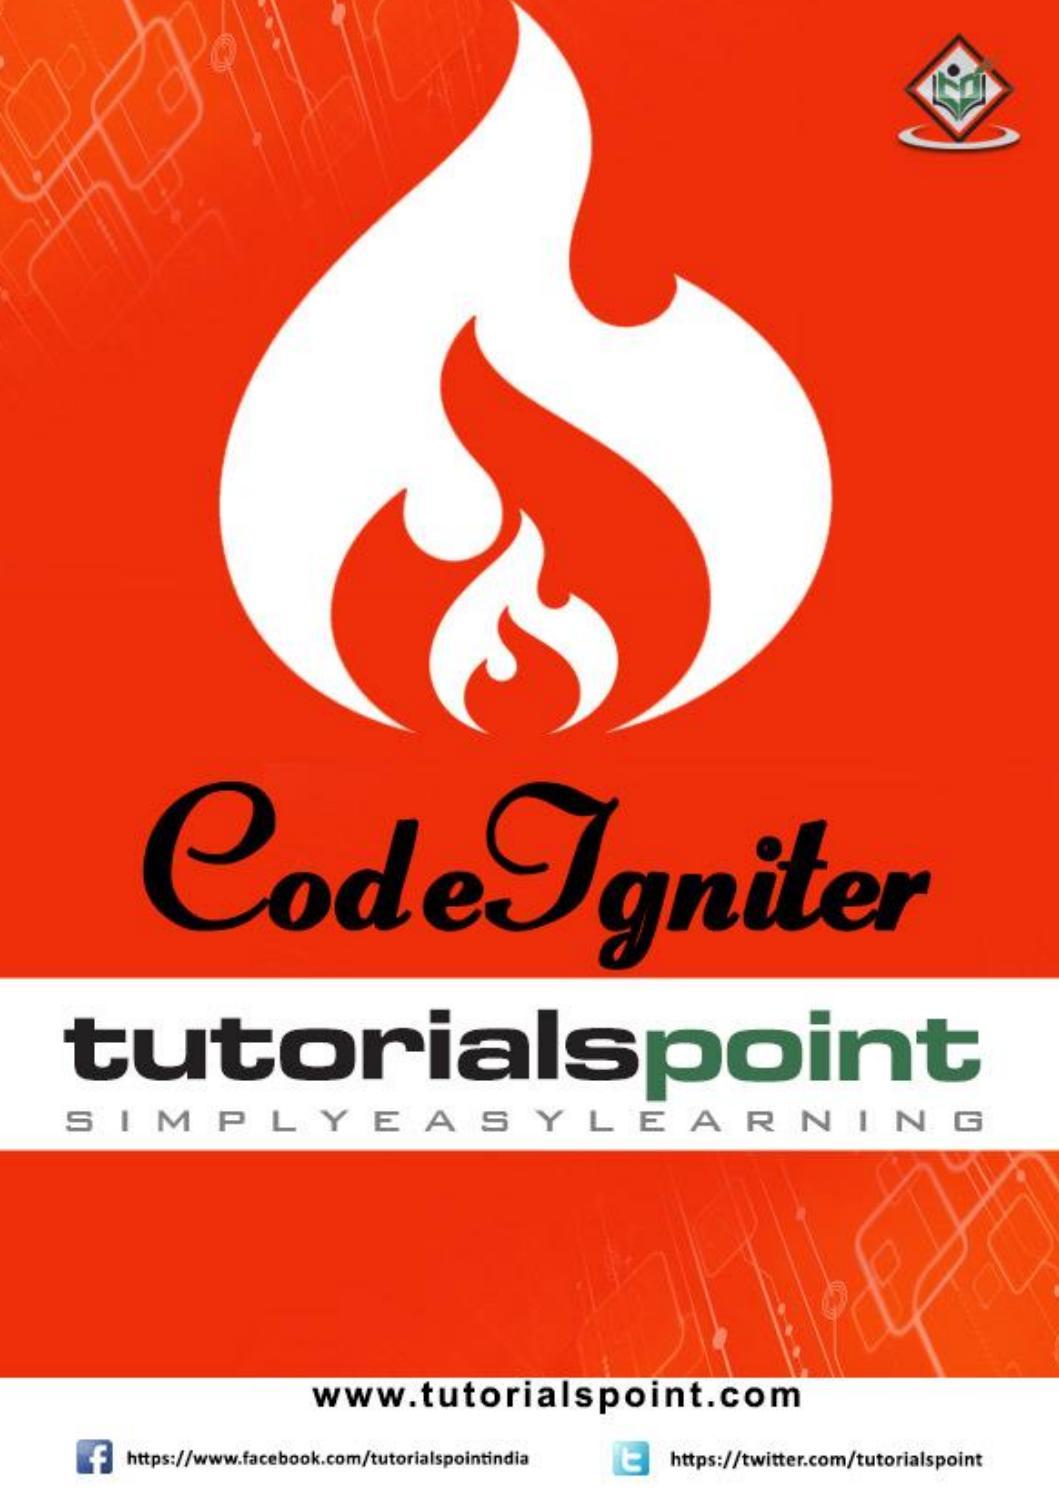 CodeIhniter by Tutorials Point